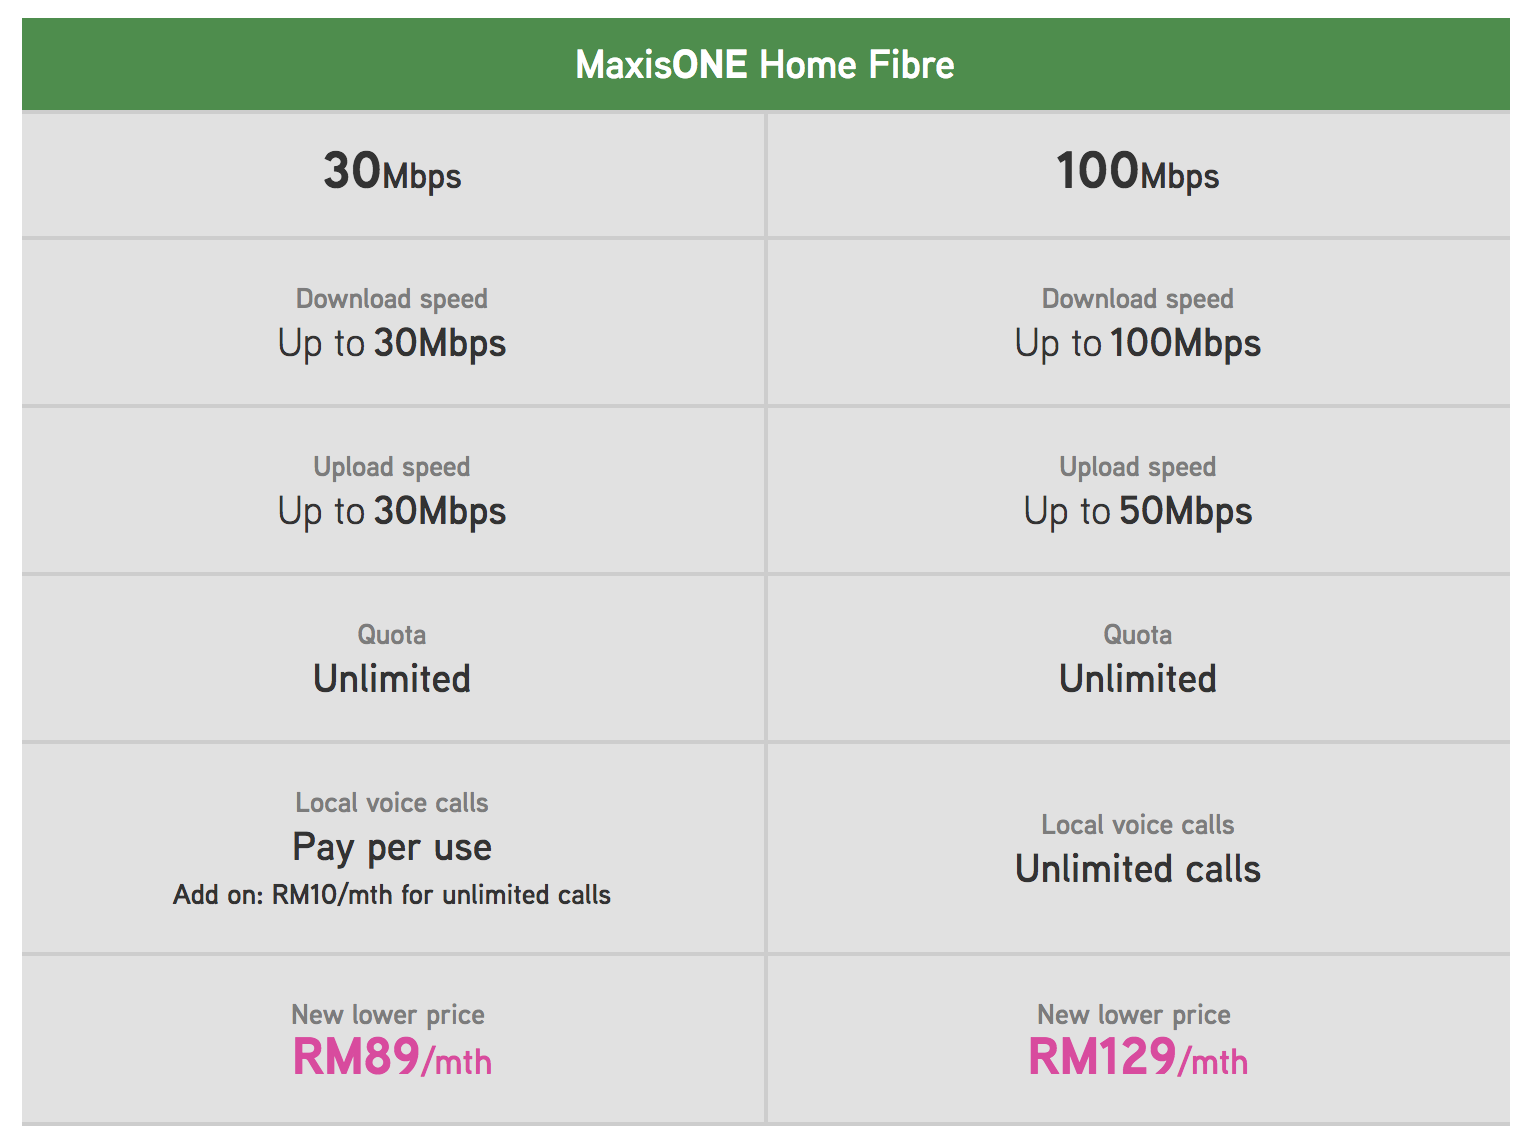 fibre broadband Malaysia